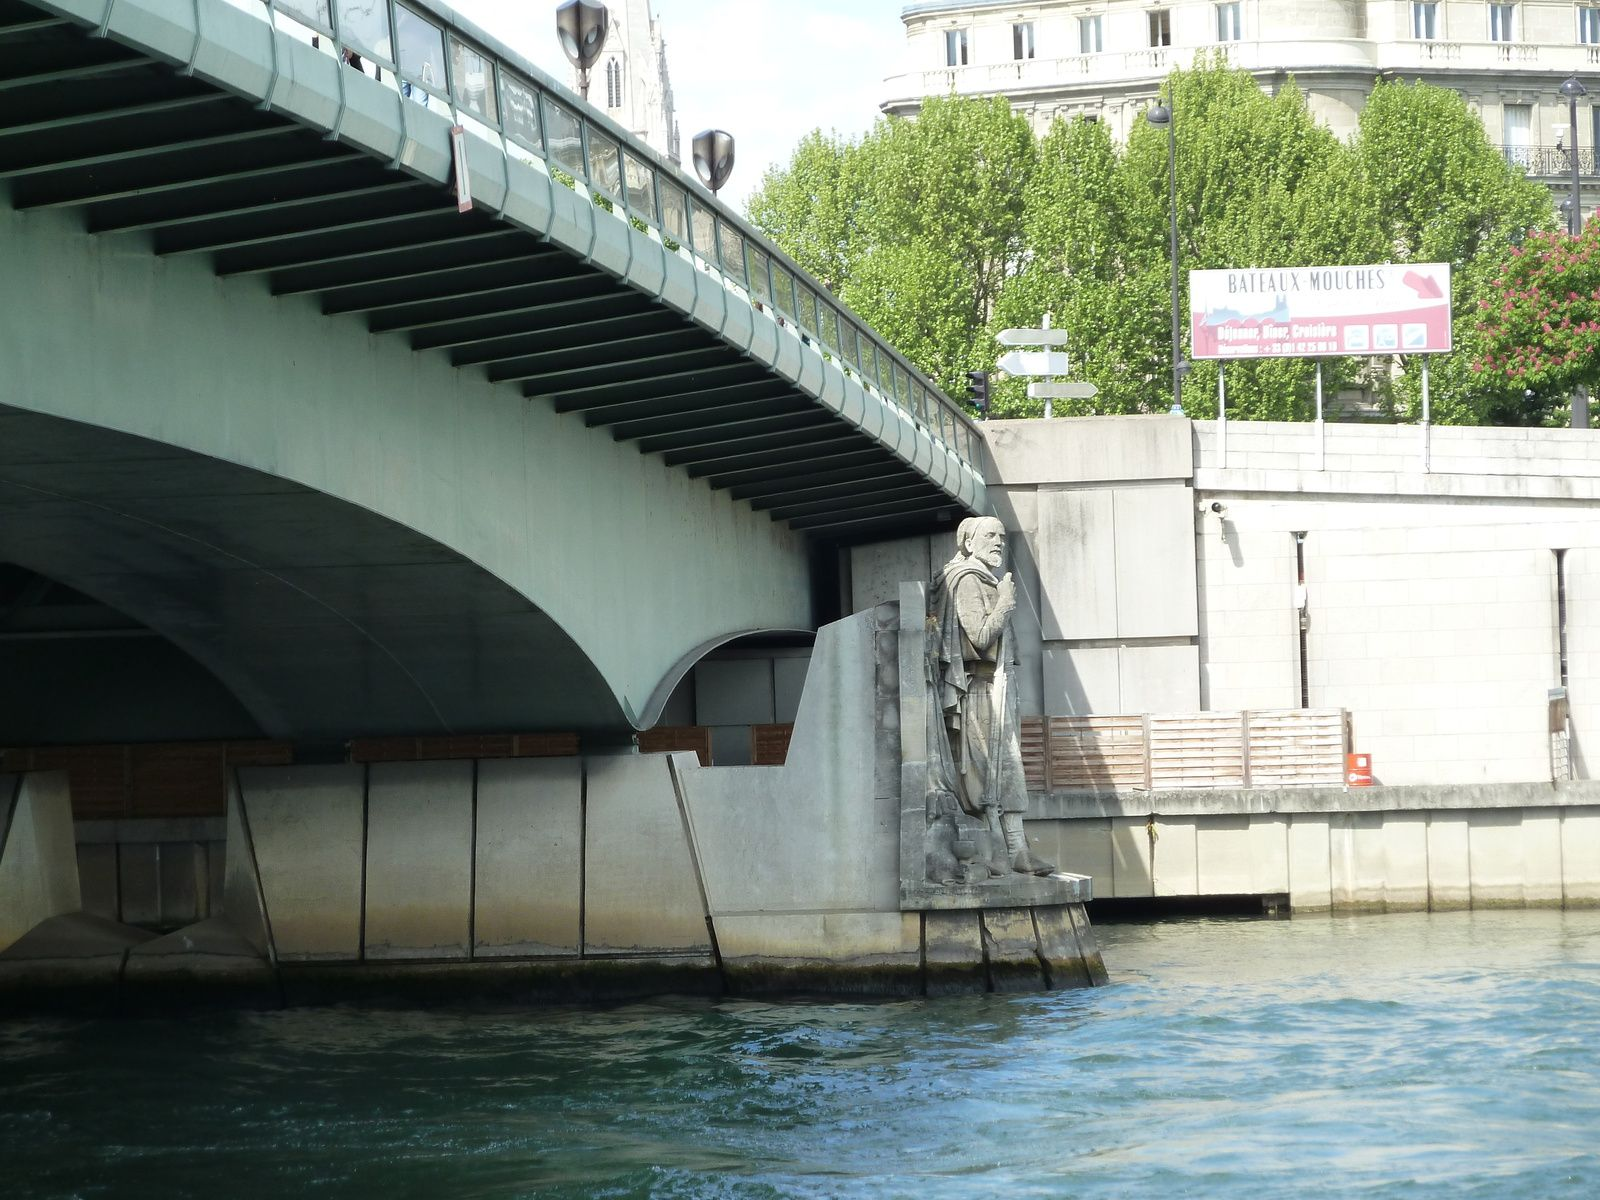 Nous faisons un bref coucou à notre chère demoiselle avant de descendre sur le quai rive gauche, au pont de l'Alma dont le zouave trône fièrement les pieds au sec..